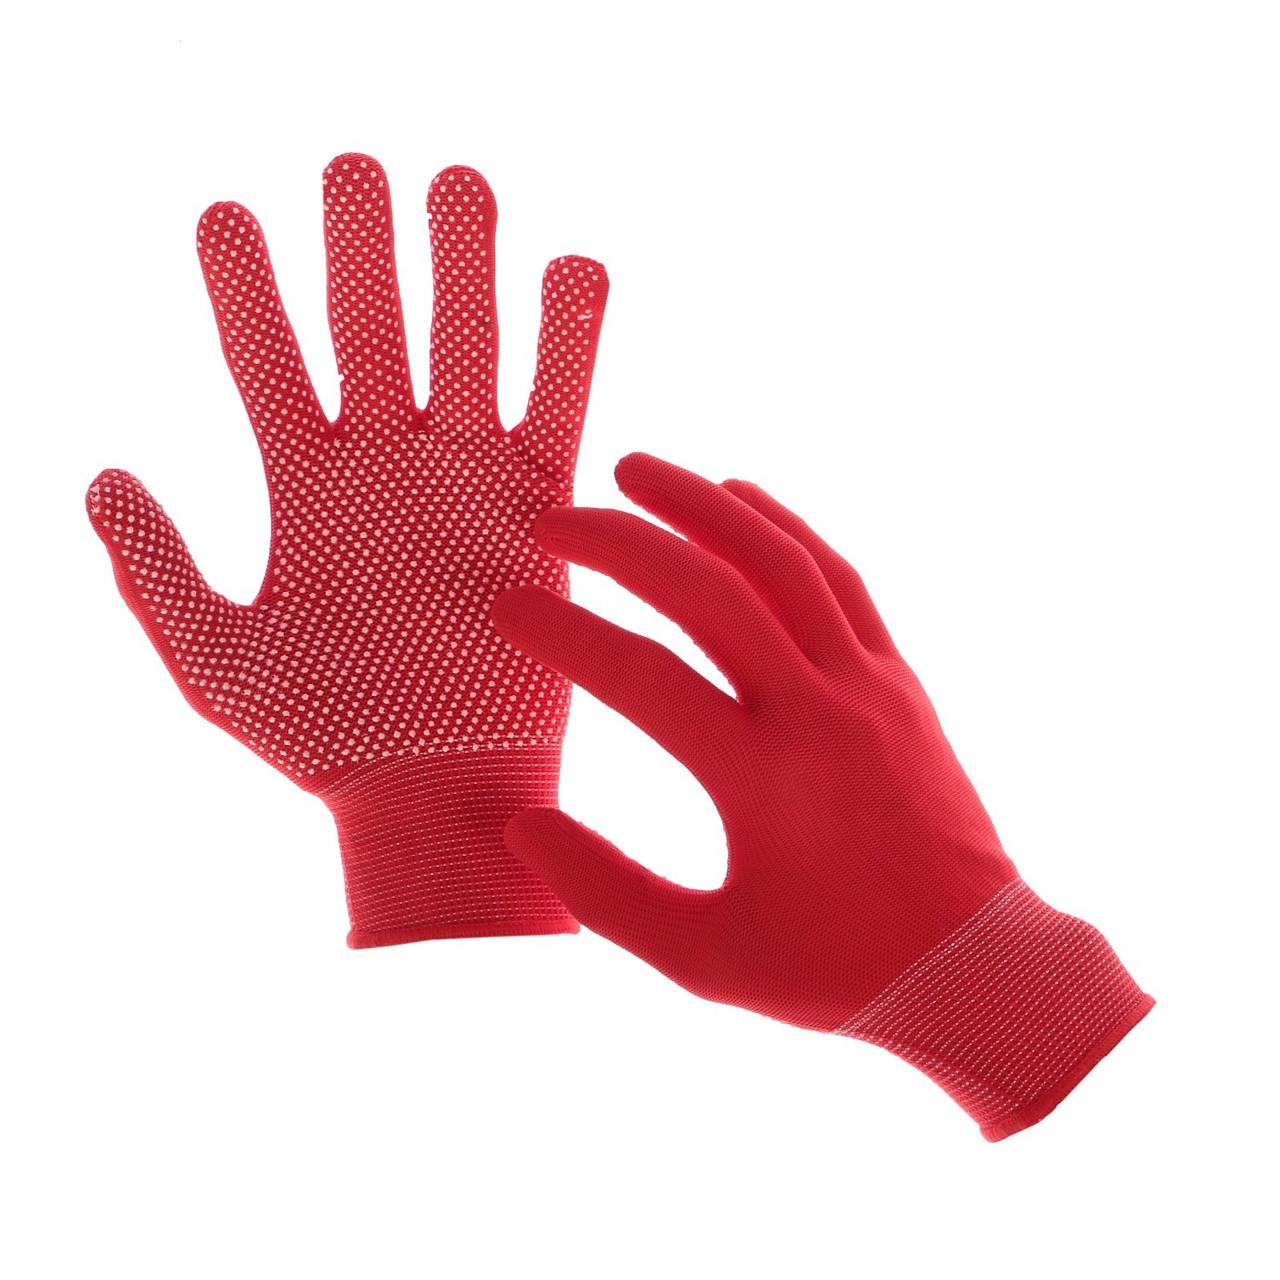 Перчатки рабочие  нейлоновые с микроточкой пвх покрытие